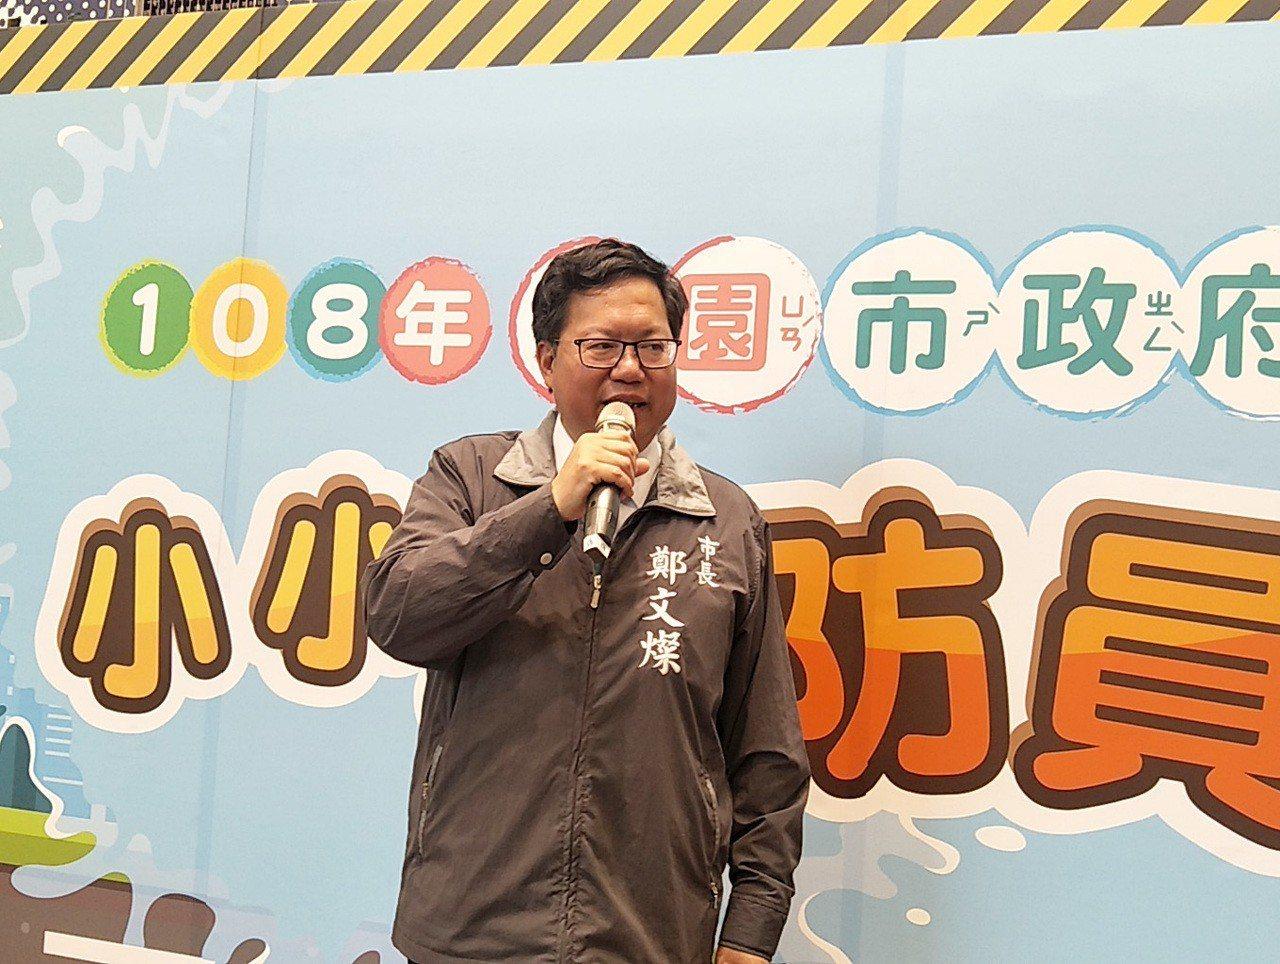 桃園市長鄭文燦(見圖)鼓勵市民生第二胎、第三胎,宣布考慮讓市民第三胎優先進入公立...